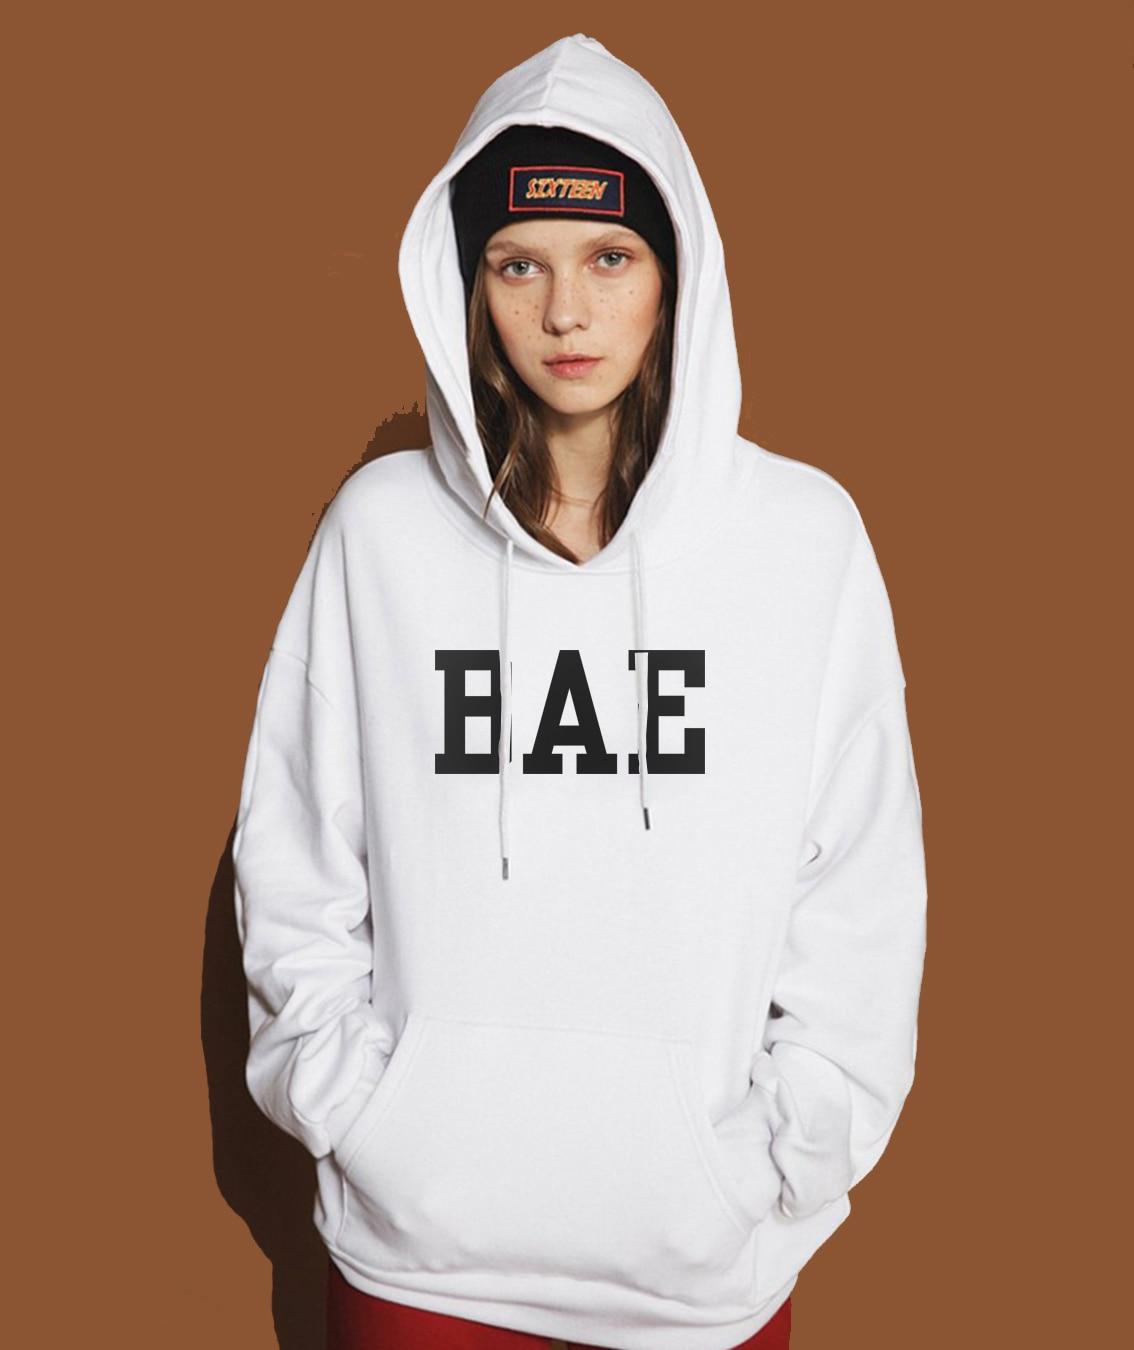 New Arrival Hot Hoody For Women 2019 Fleece Spring Warm Winter Sweatshirt Casual Women's Sportswear Streetwear Kawaii Hip Hop